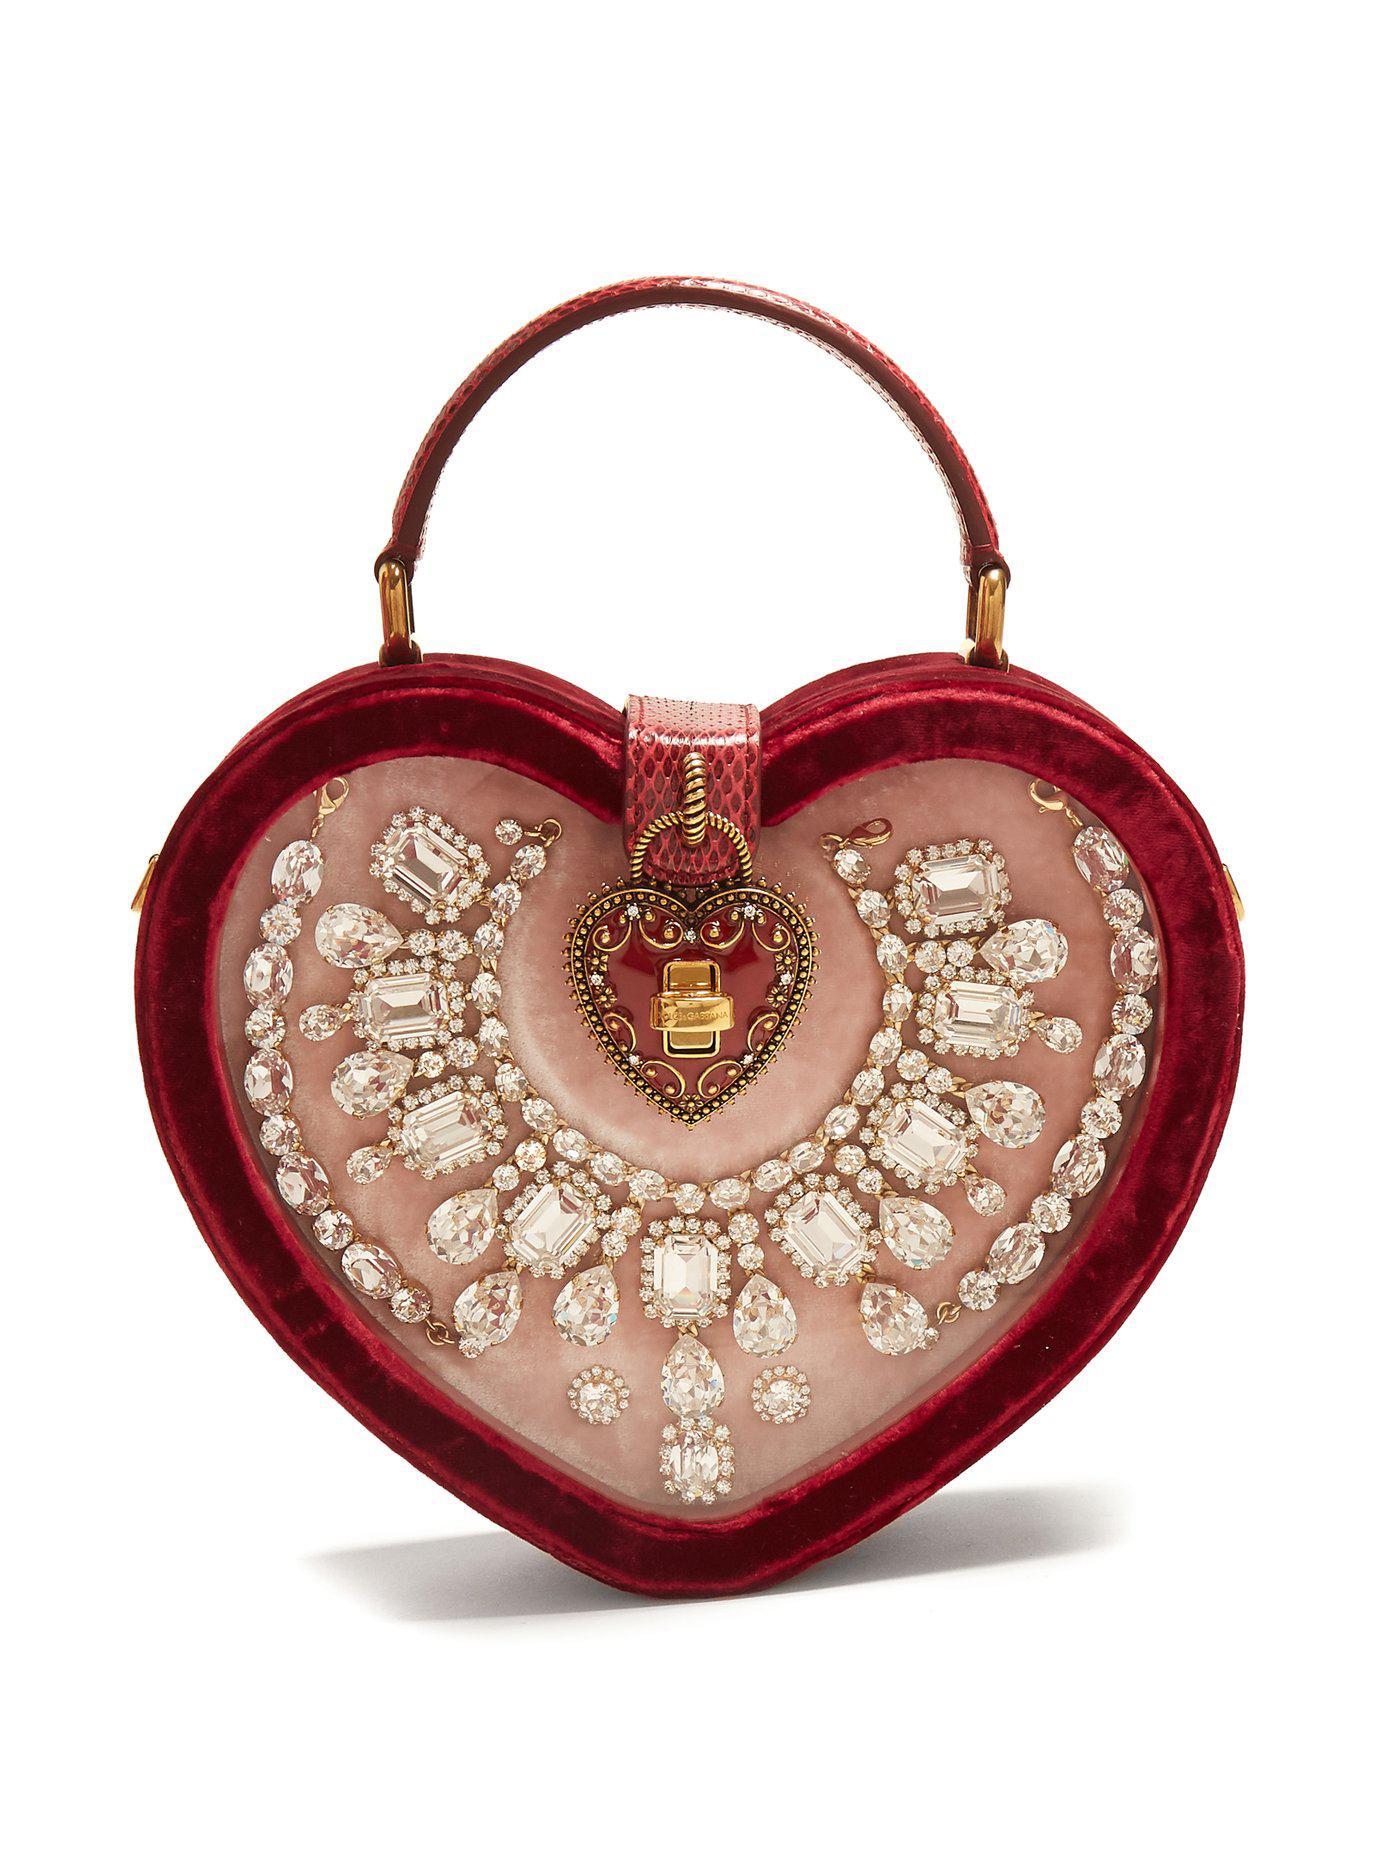 Cœur Gabbana Lyst Cristaux Coloris Rouge En Sac À Ornements Dolceamp; TPulOkXZwi